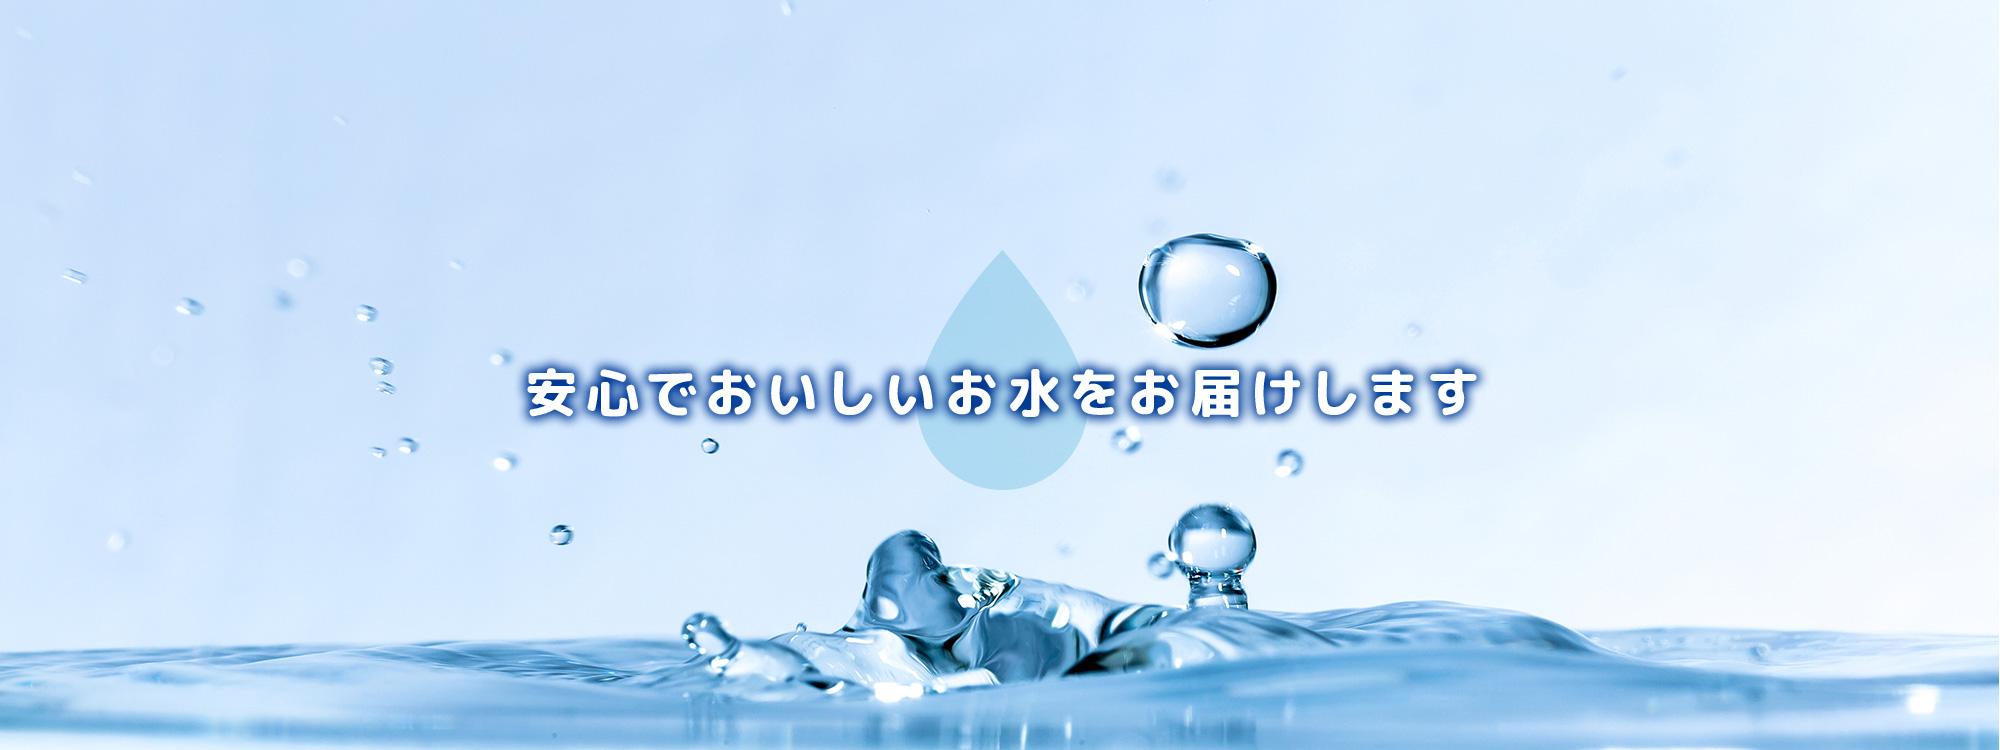 安心でおいしいお水をお届けします